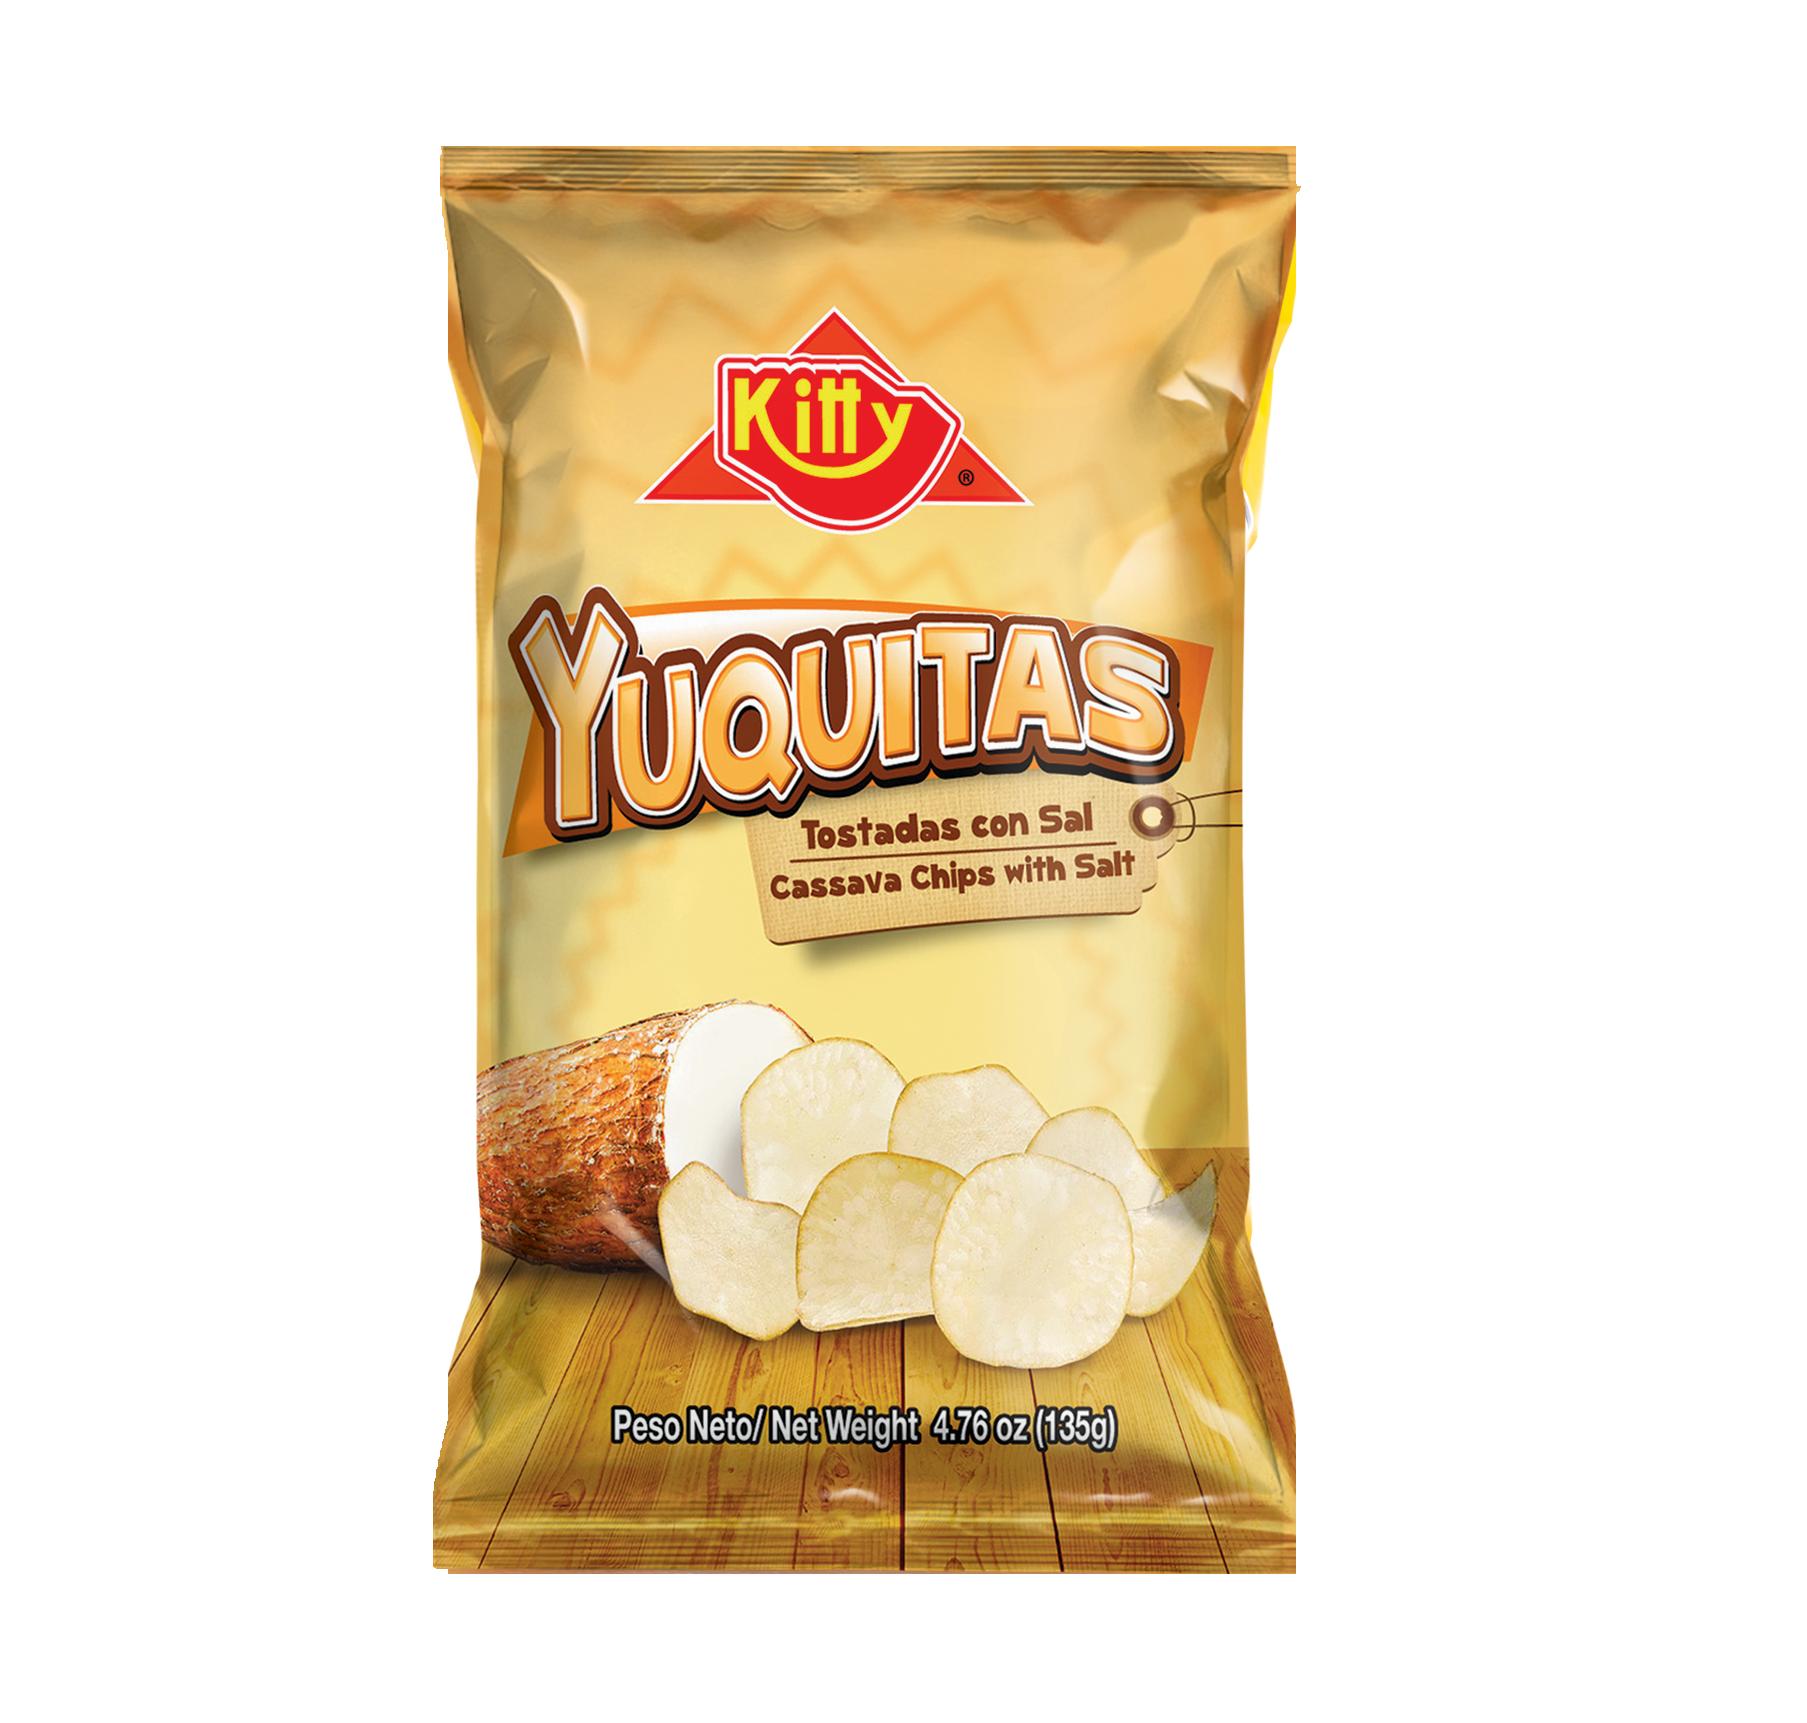 YUQUITAS135